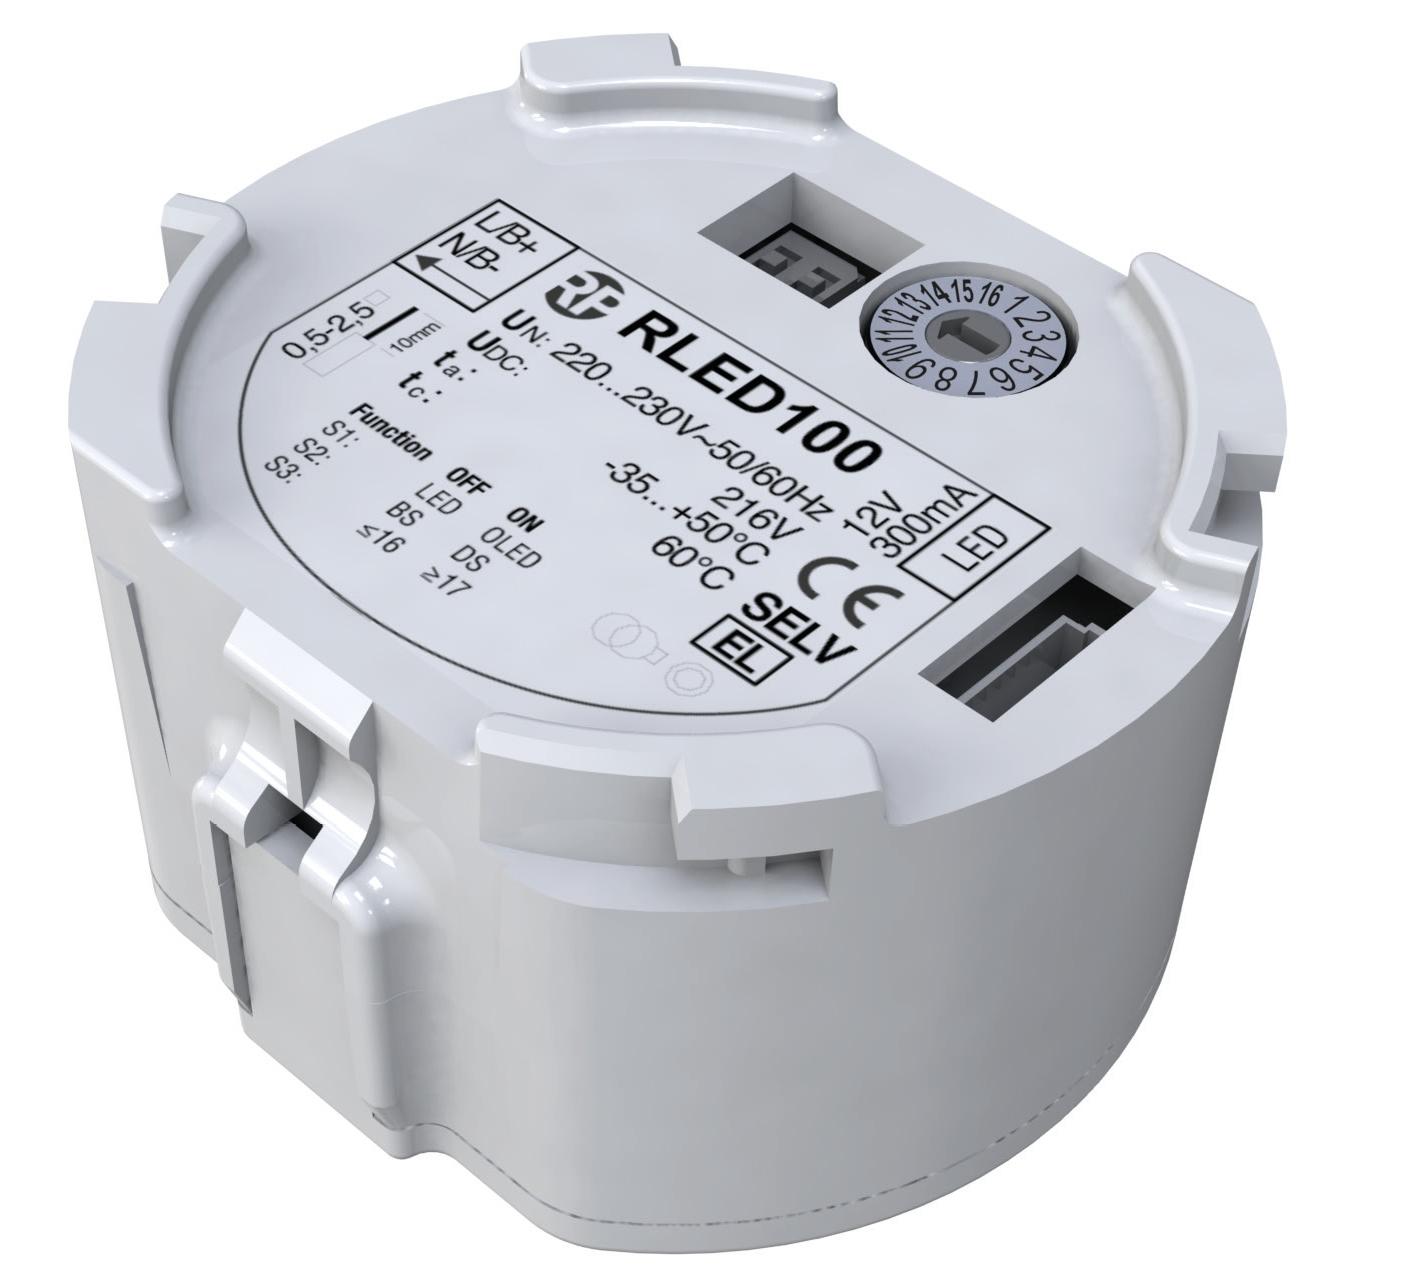 Netzteil mit Überwachungsfunktion für LED Notleuchten